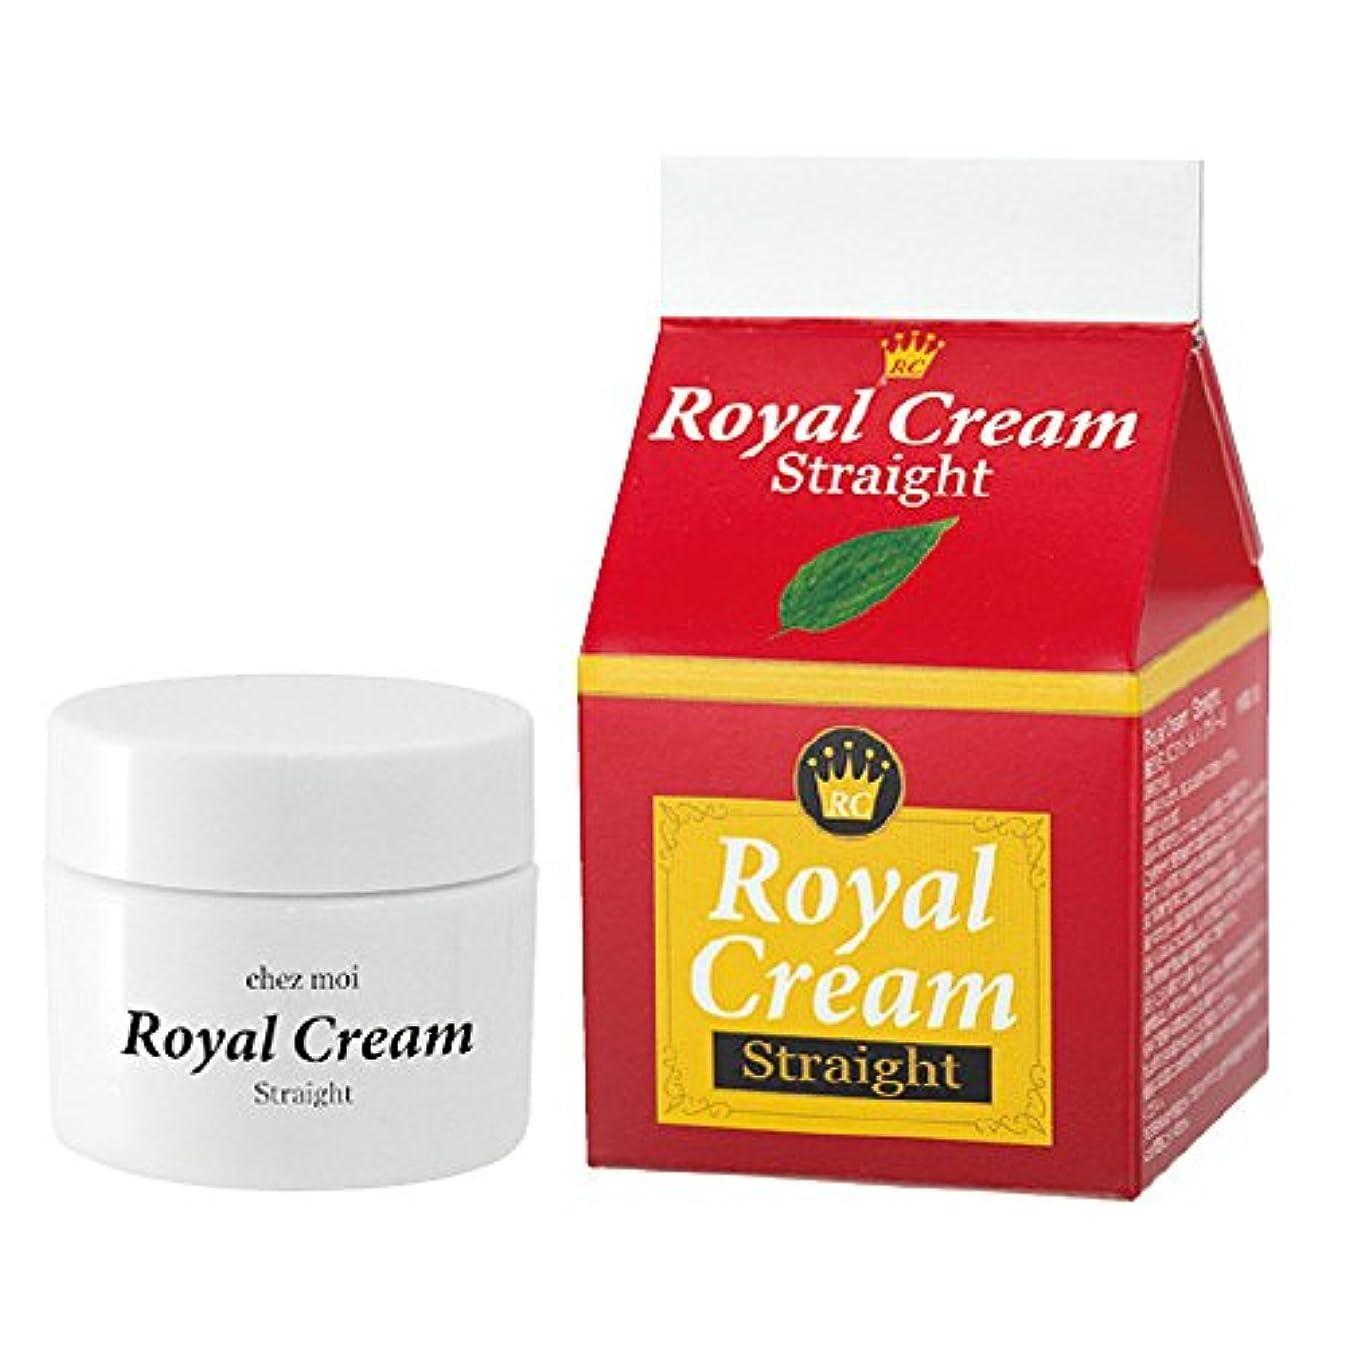 まとめるページブリリアントシェモア Royal Cream Straight(ロイヤルクリームストレート) 30g